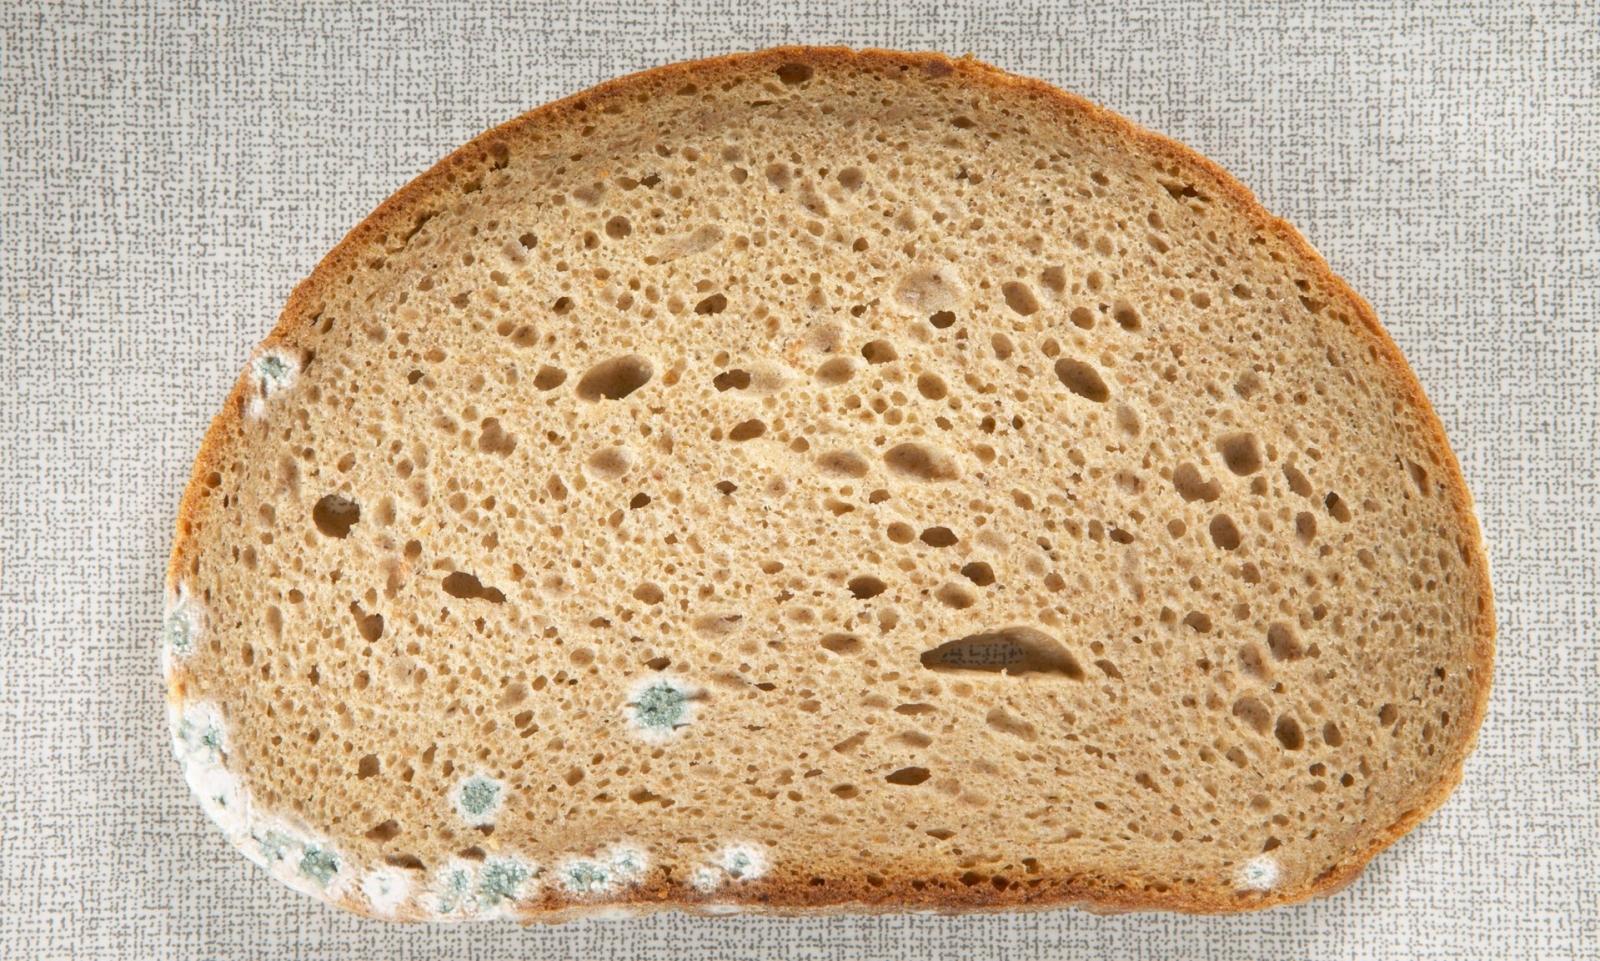 Что произойдет, если съесть хлеб с плесенью?